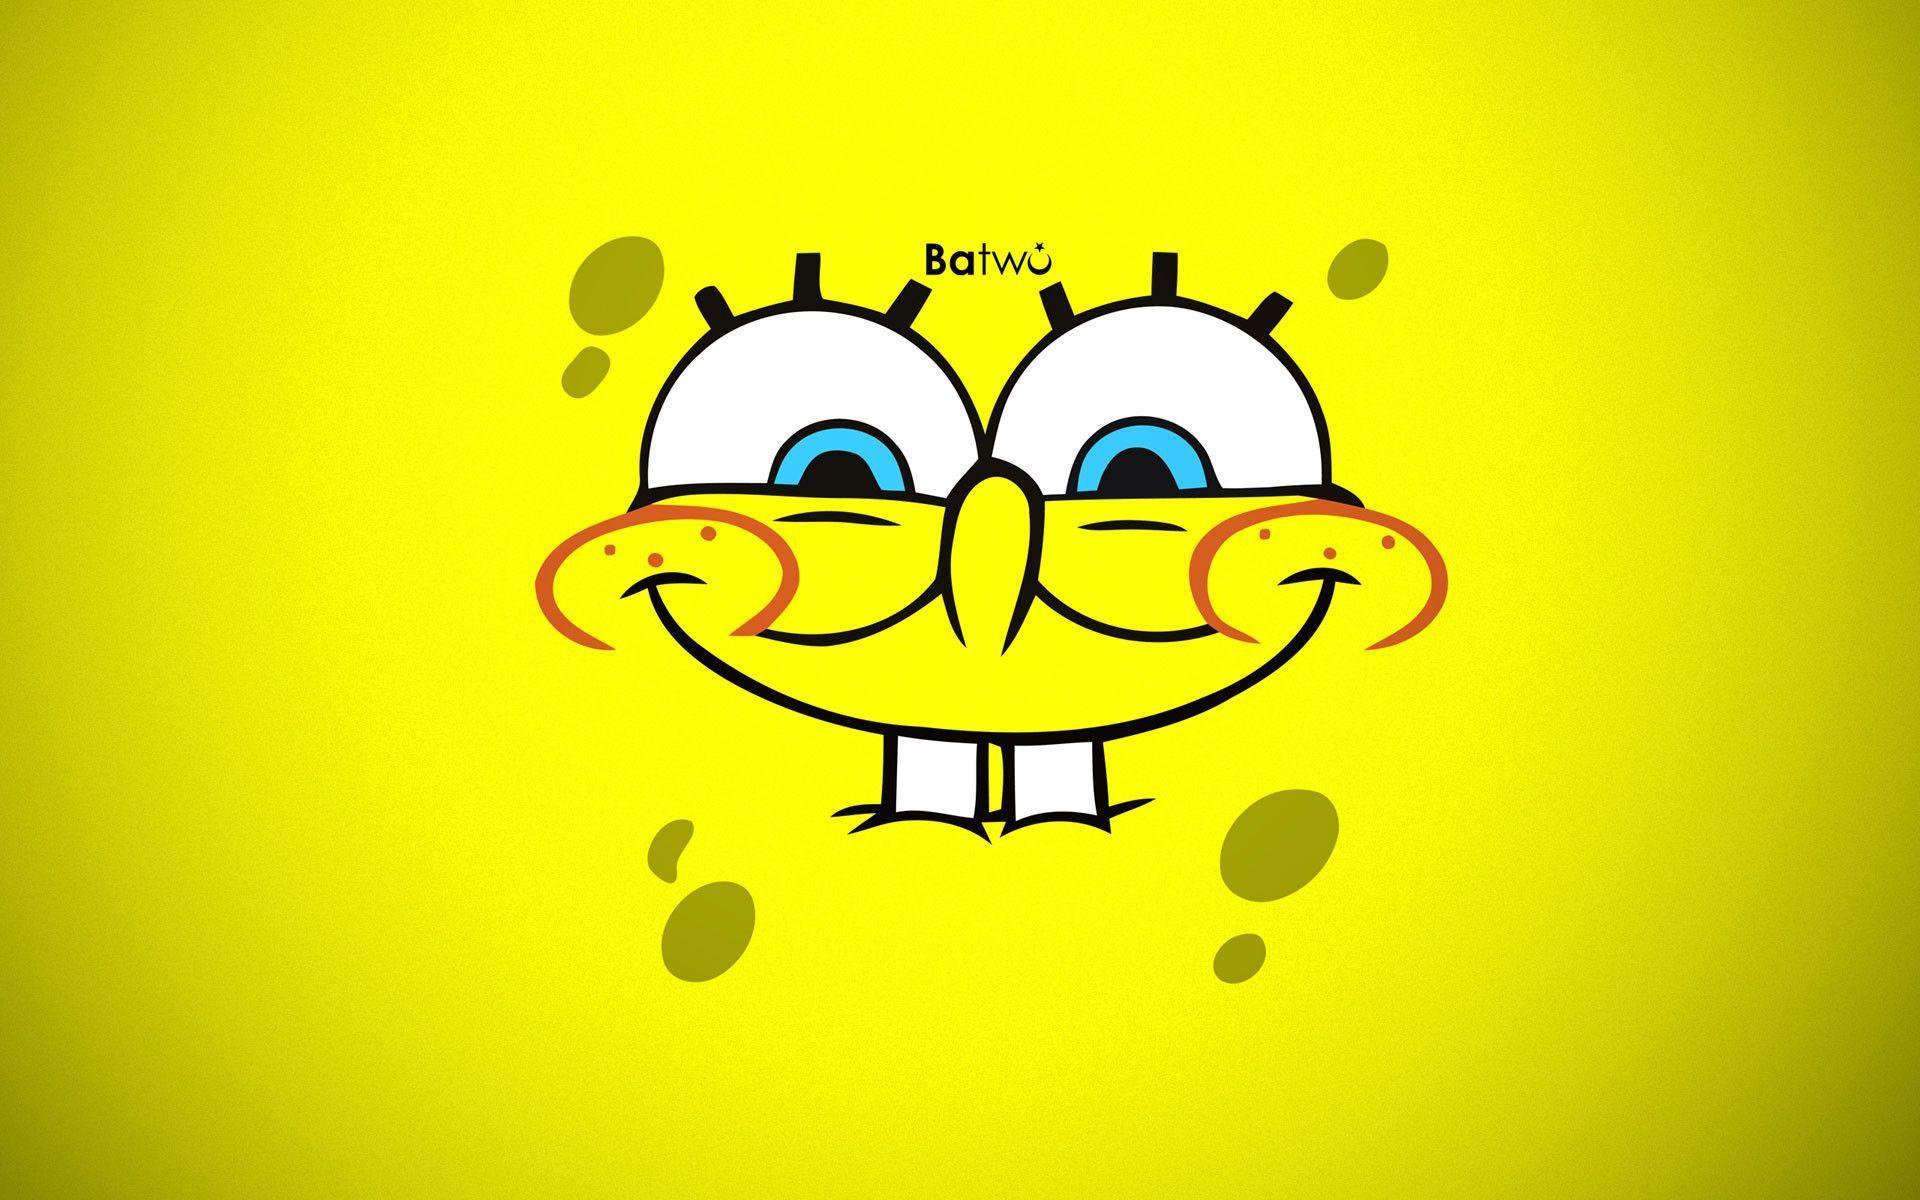 Gangster Spongebob Wallpapers Top Free Gangster Spongebob